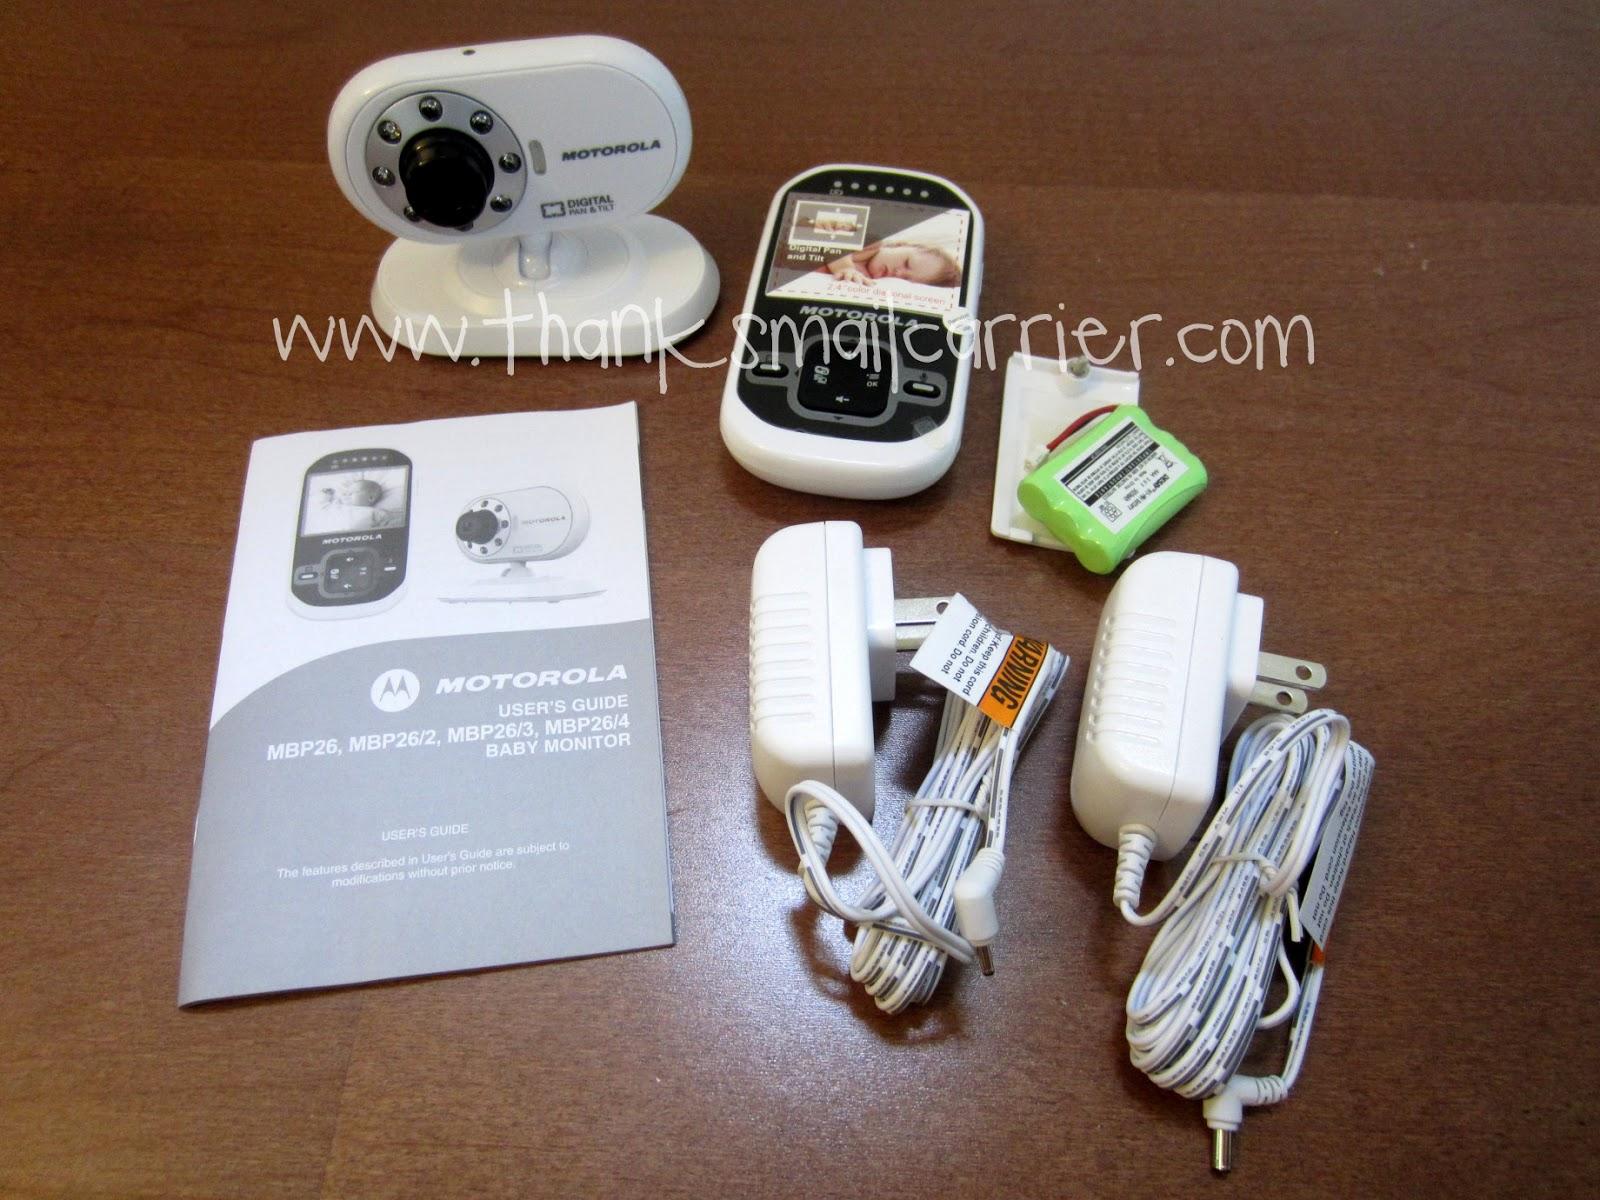 Motorola MPB26 Baby Monitor